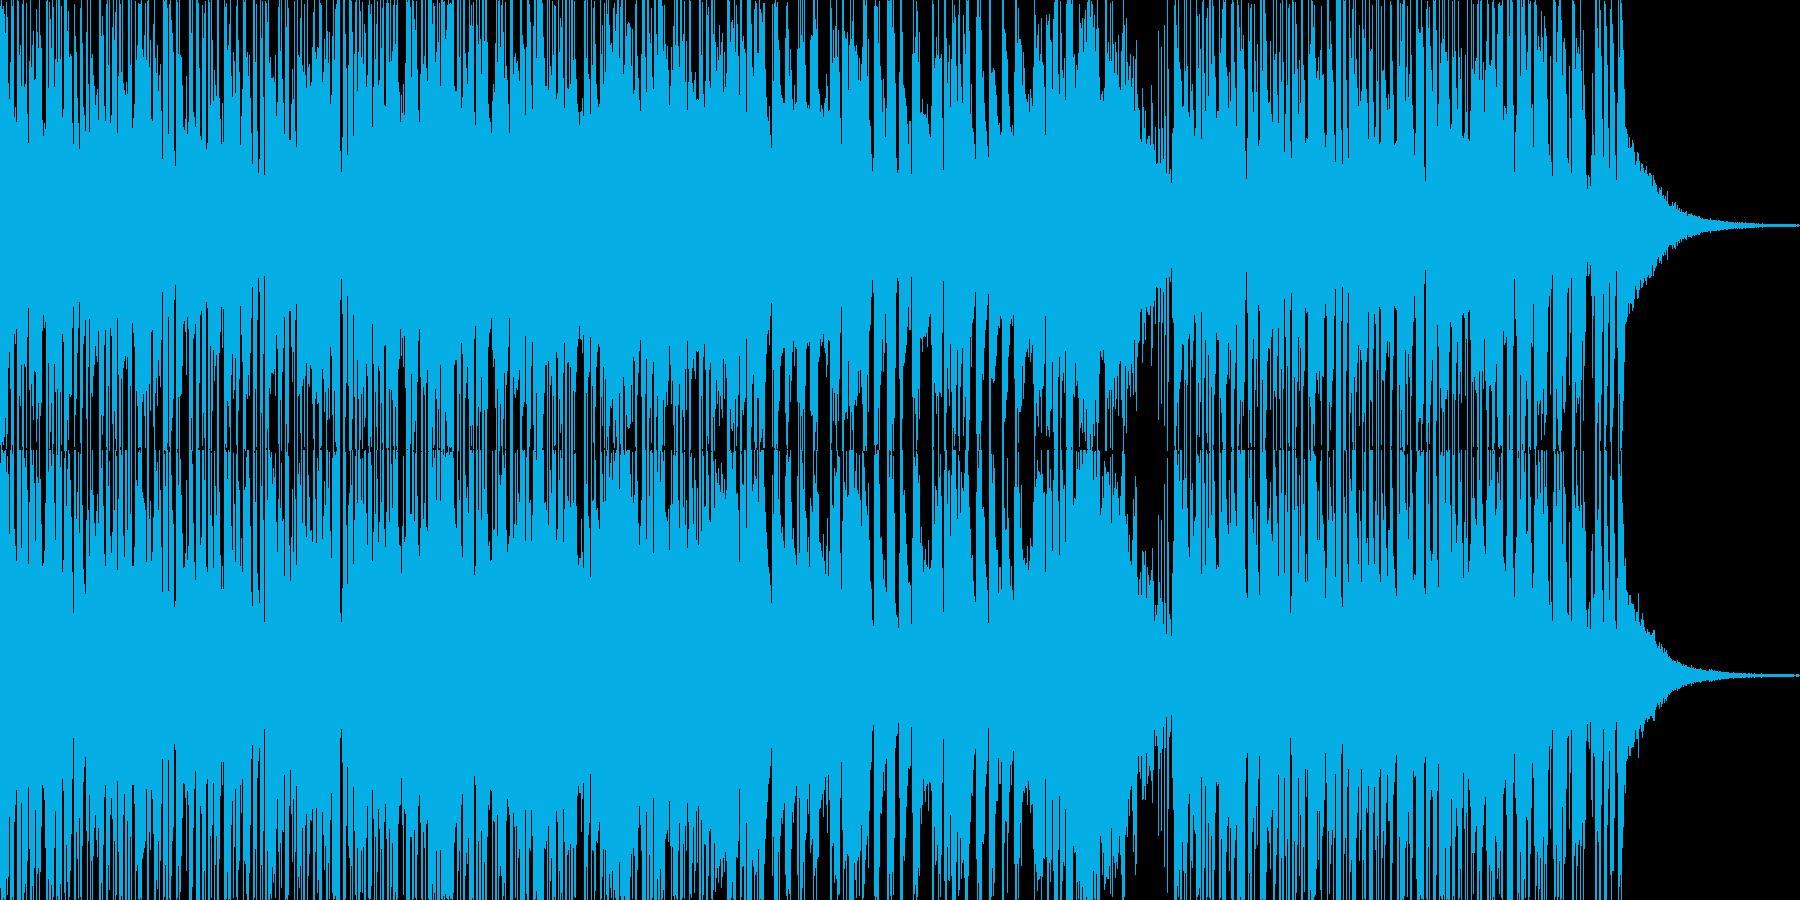 トランペットが印象的なファンクの再生済みの波形